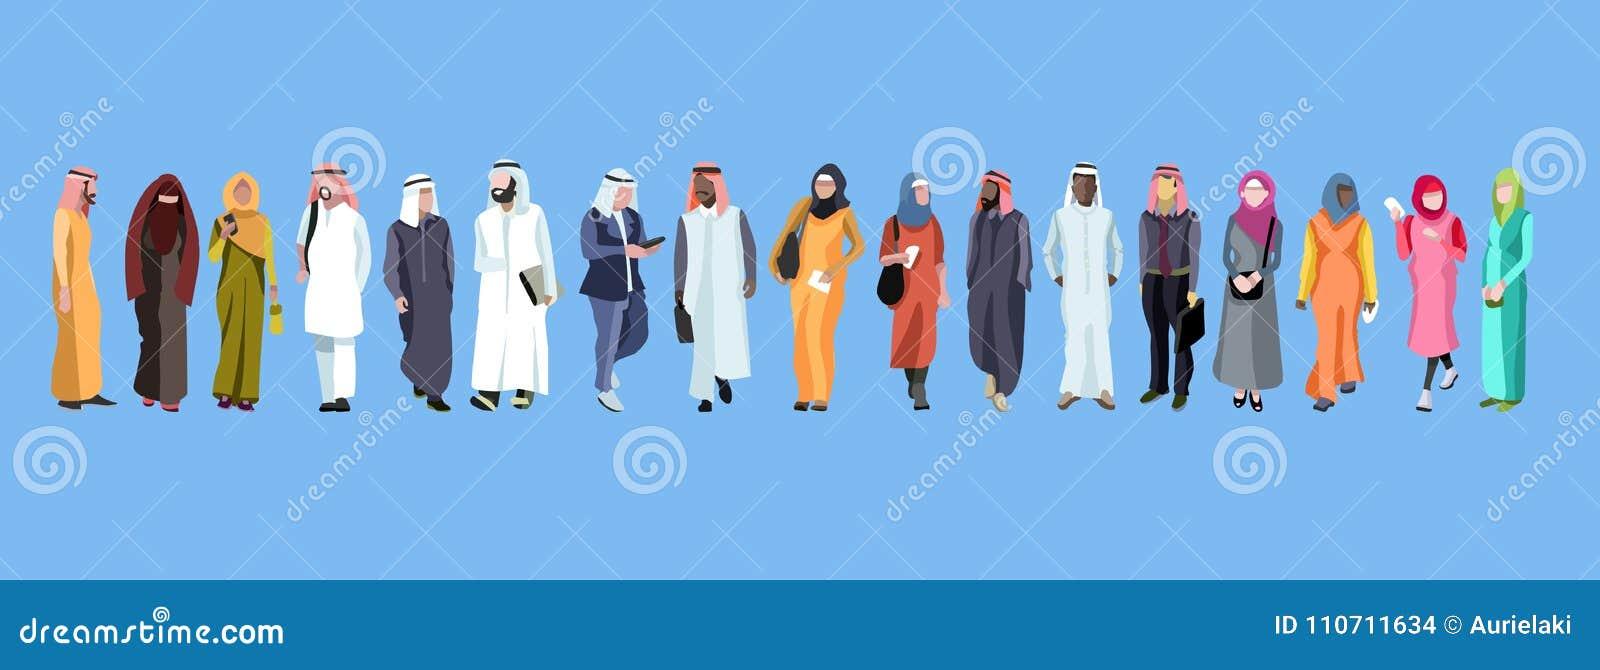 Традиционная группа в составе арабские мужчина и женщина